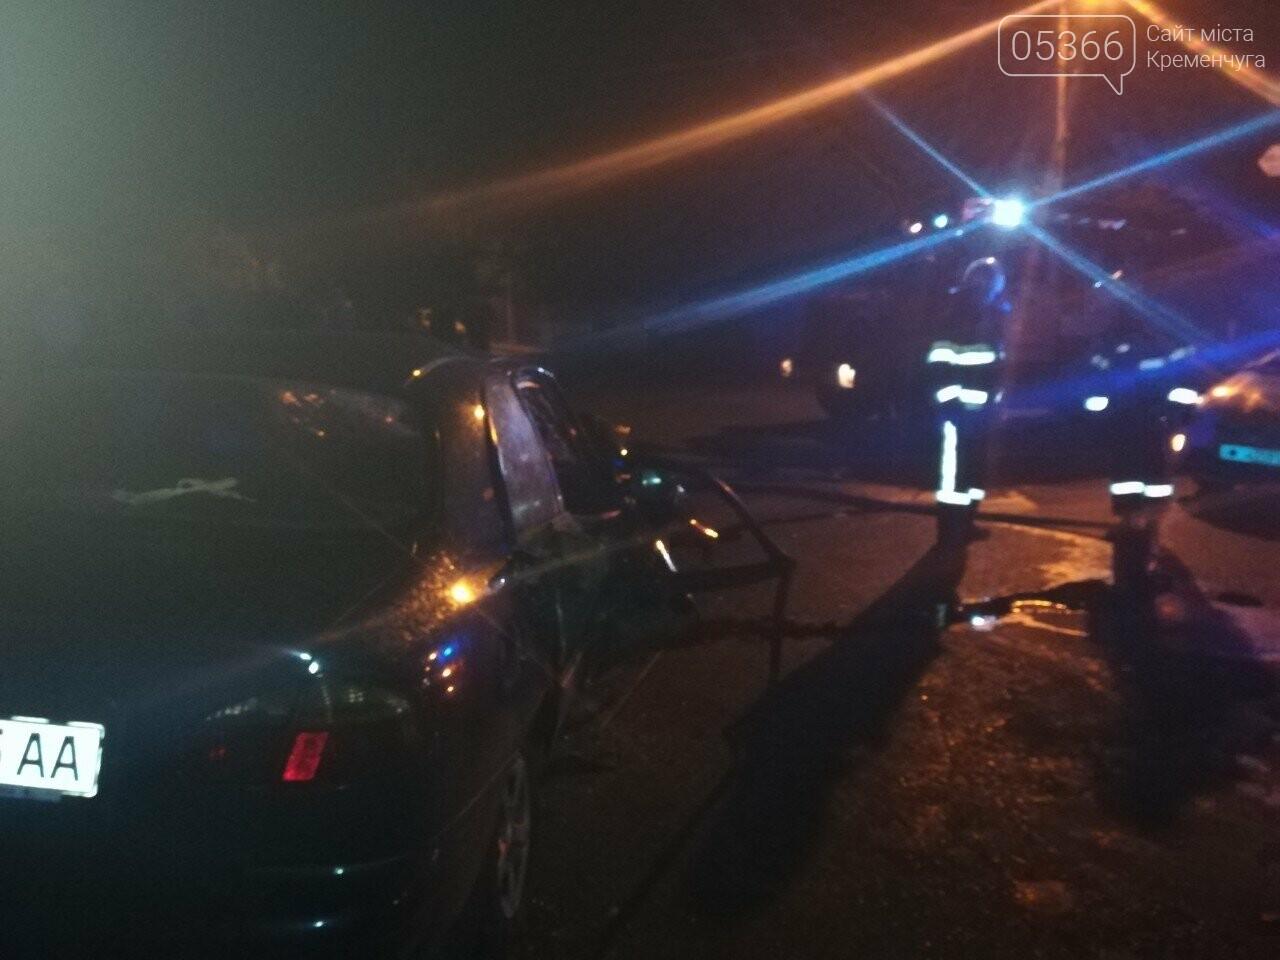 У Кременчуцькому районі сталася смертельна ДТП: поліція шукає свідків, фото-4